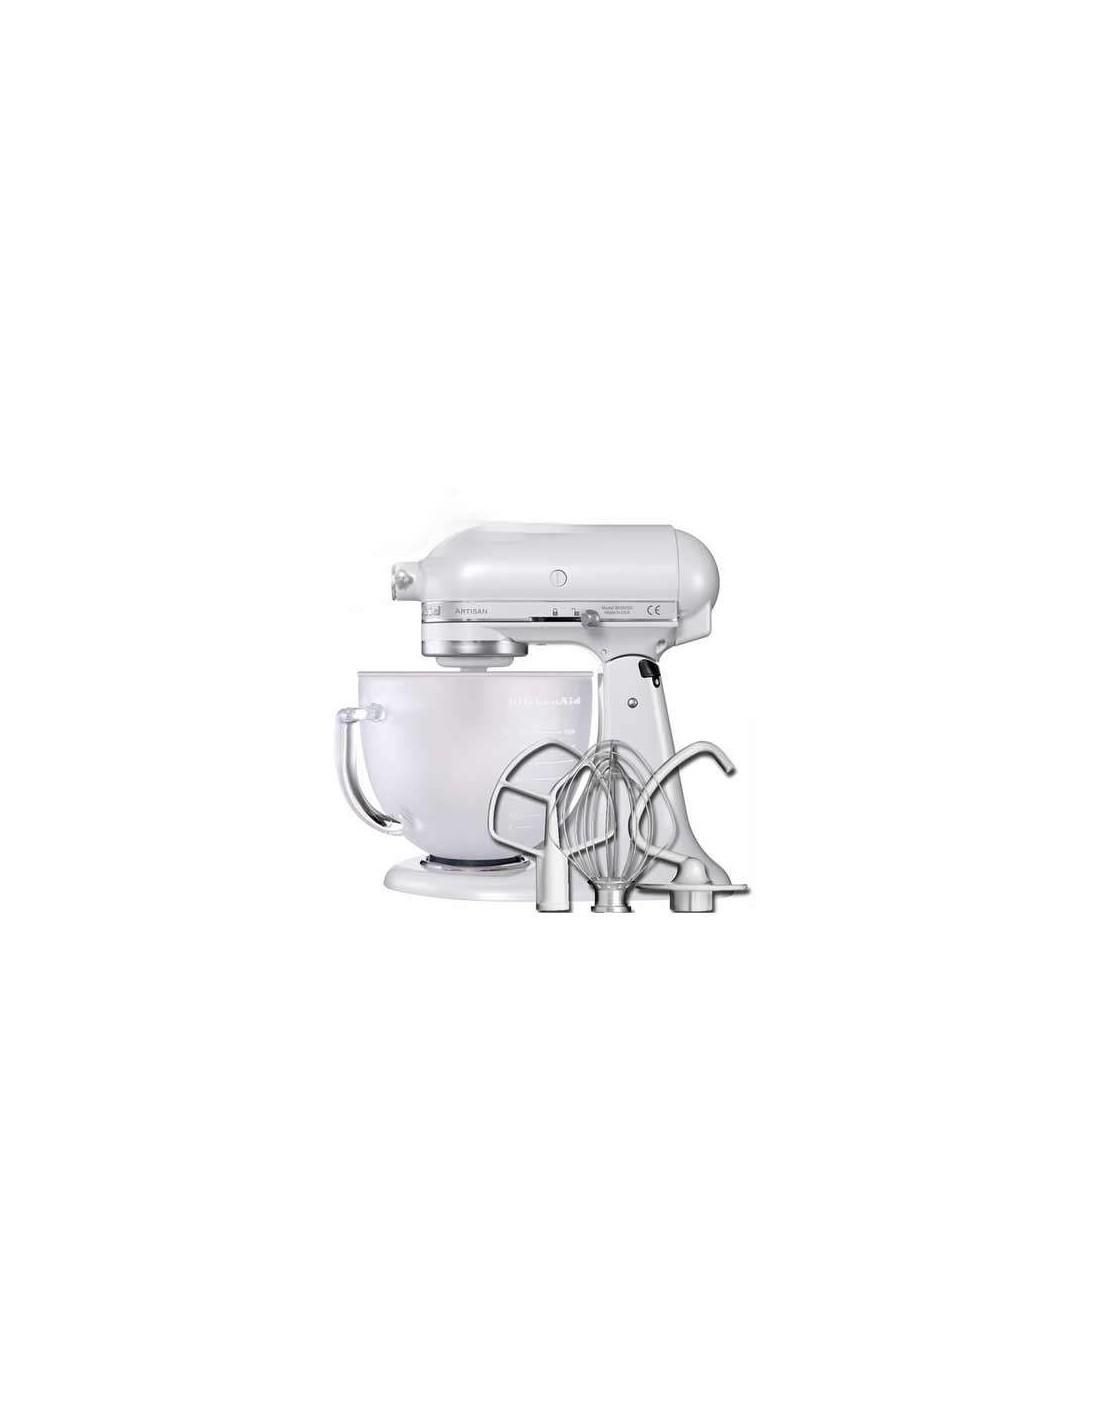 Robot de cocina kitchen aid artisan 5ksm156fp for Robot de cocina batidora